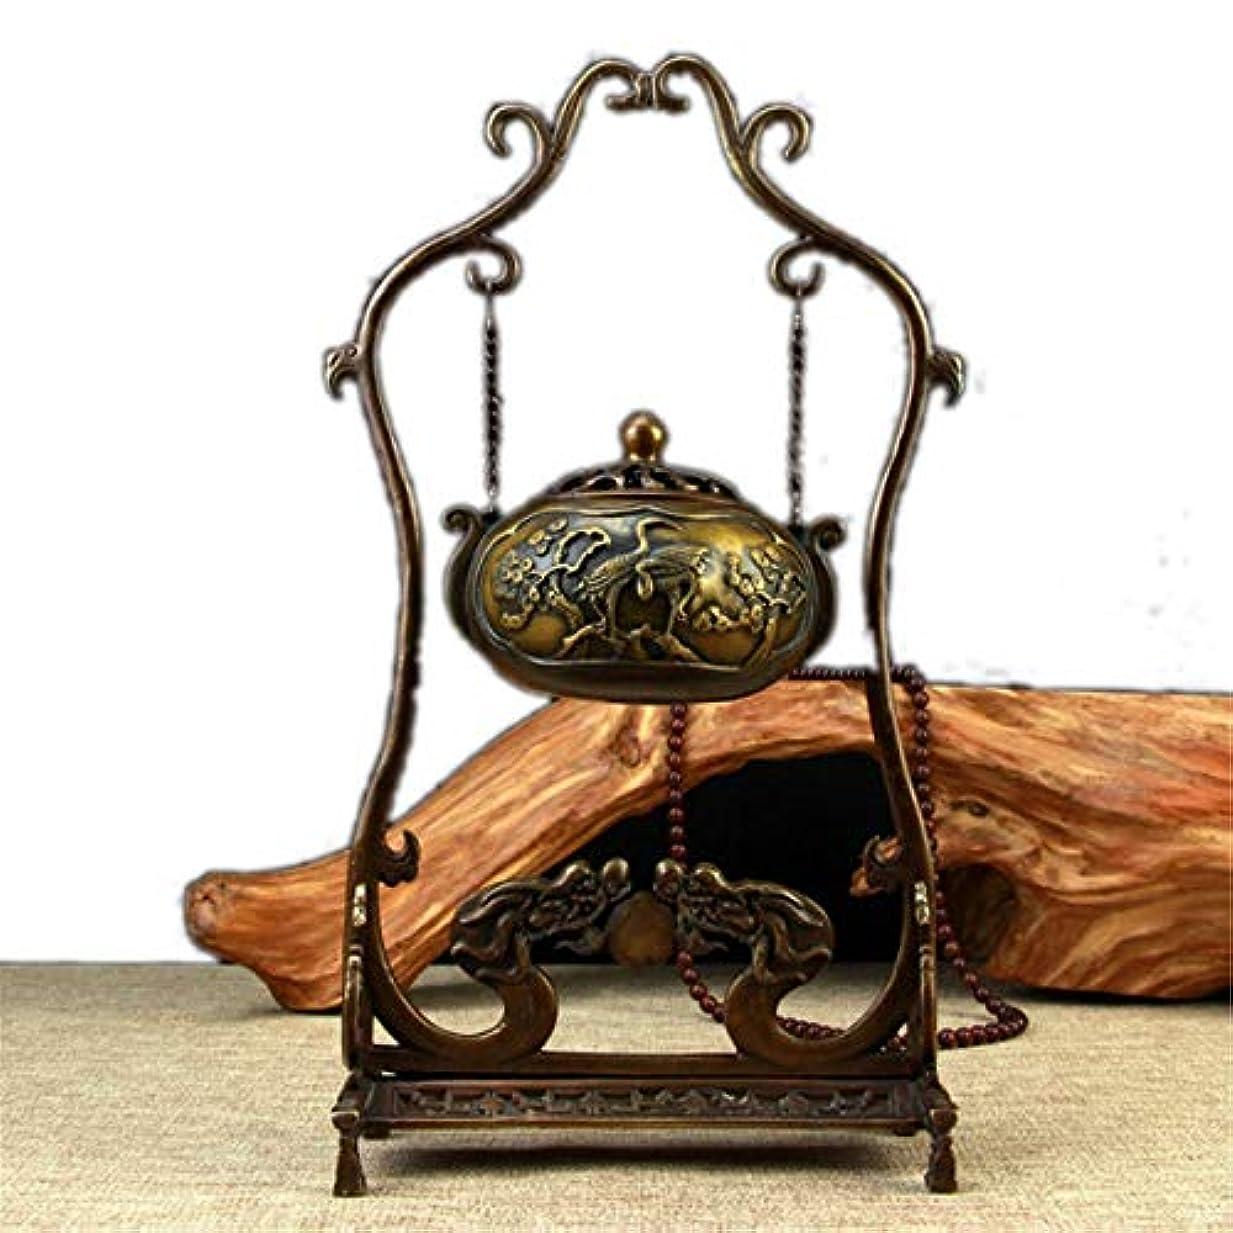 仮装折る静脈香炉の煙の逆流亜鉛合金香炉の円錐形のホールダー、家の芳香の付属品は家、オフィス、喫茶店、瞑想、ヨガ等のために適した